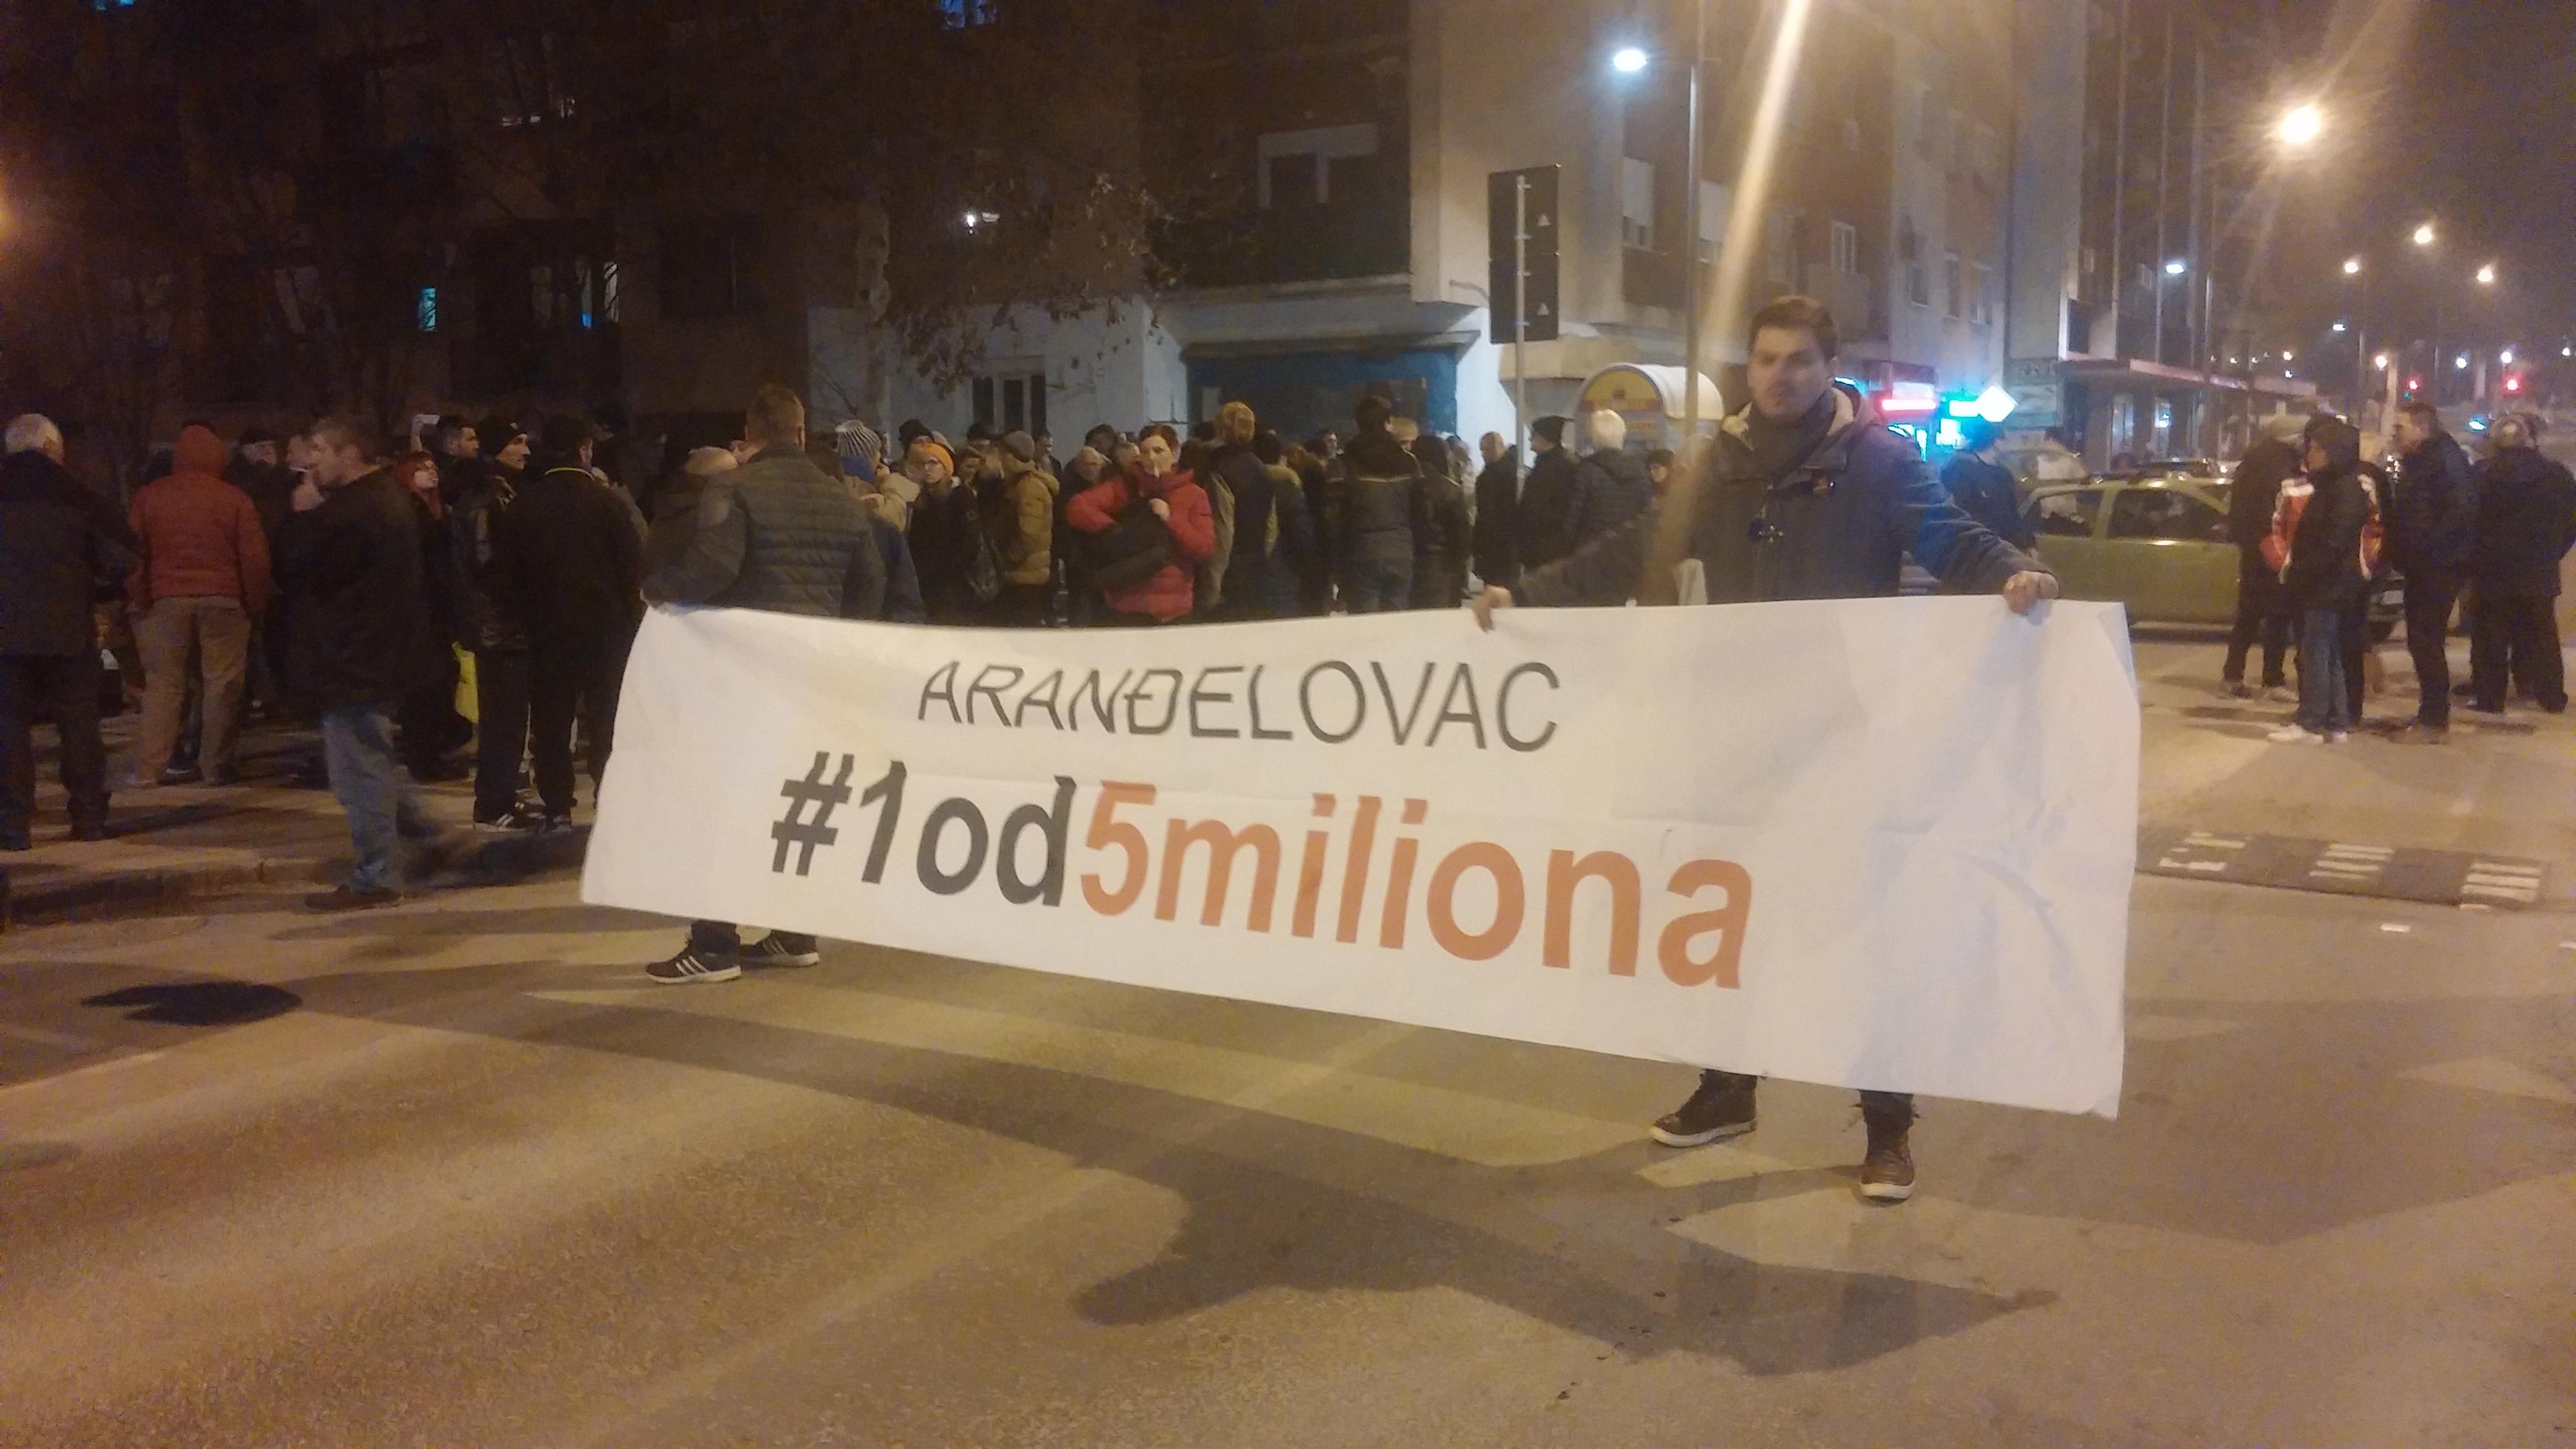 Protesti 1 od 5 miliona u više gradova (VIDEO, FOTO) 10